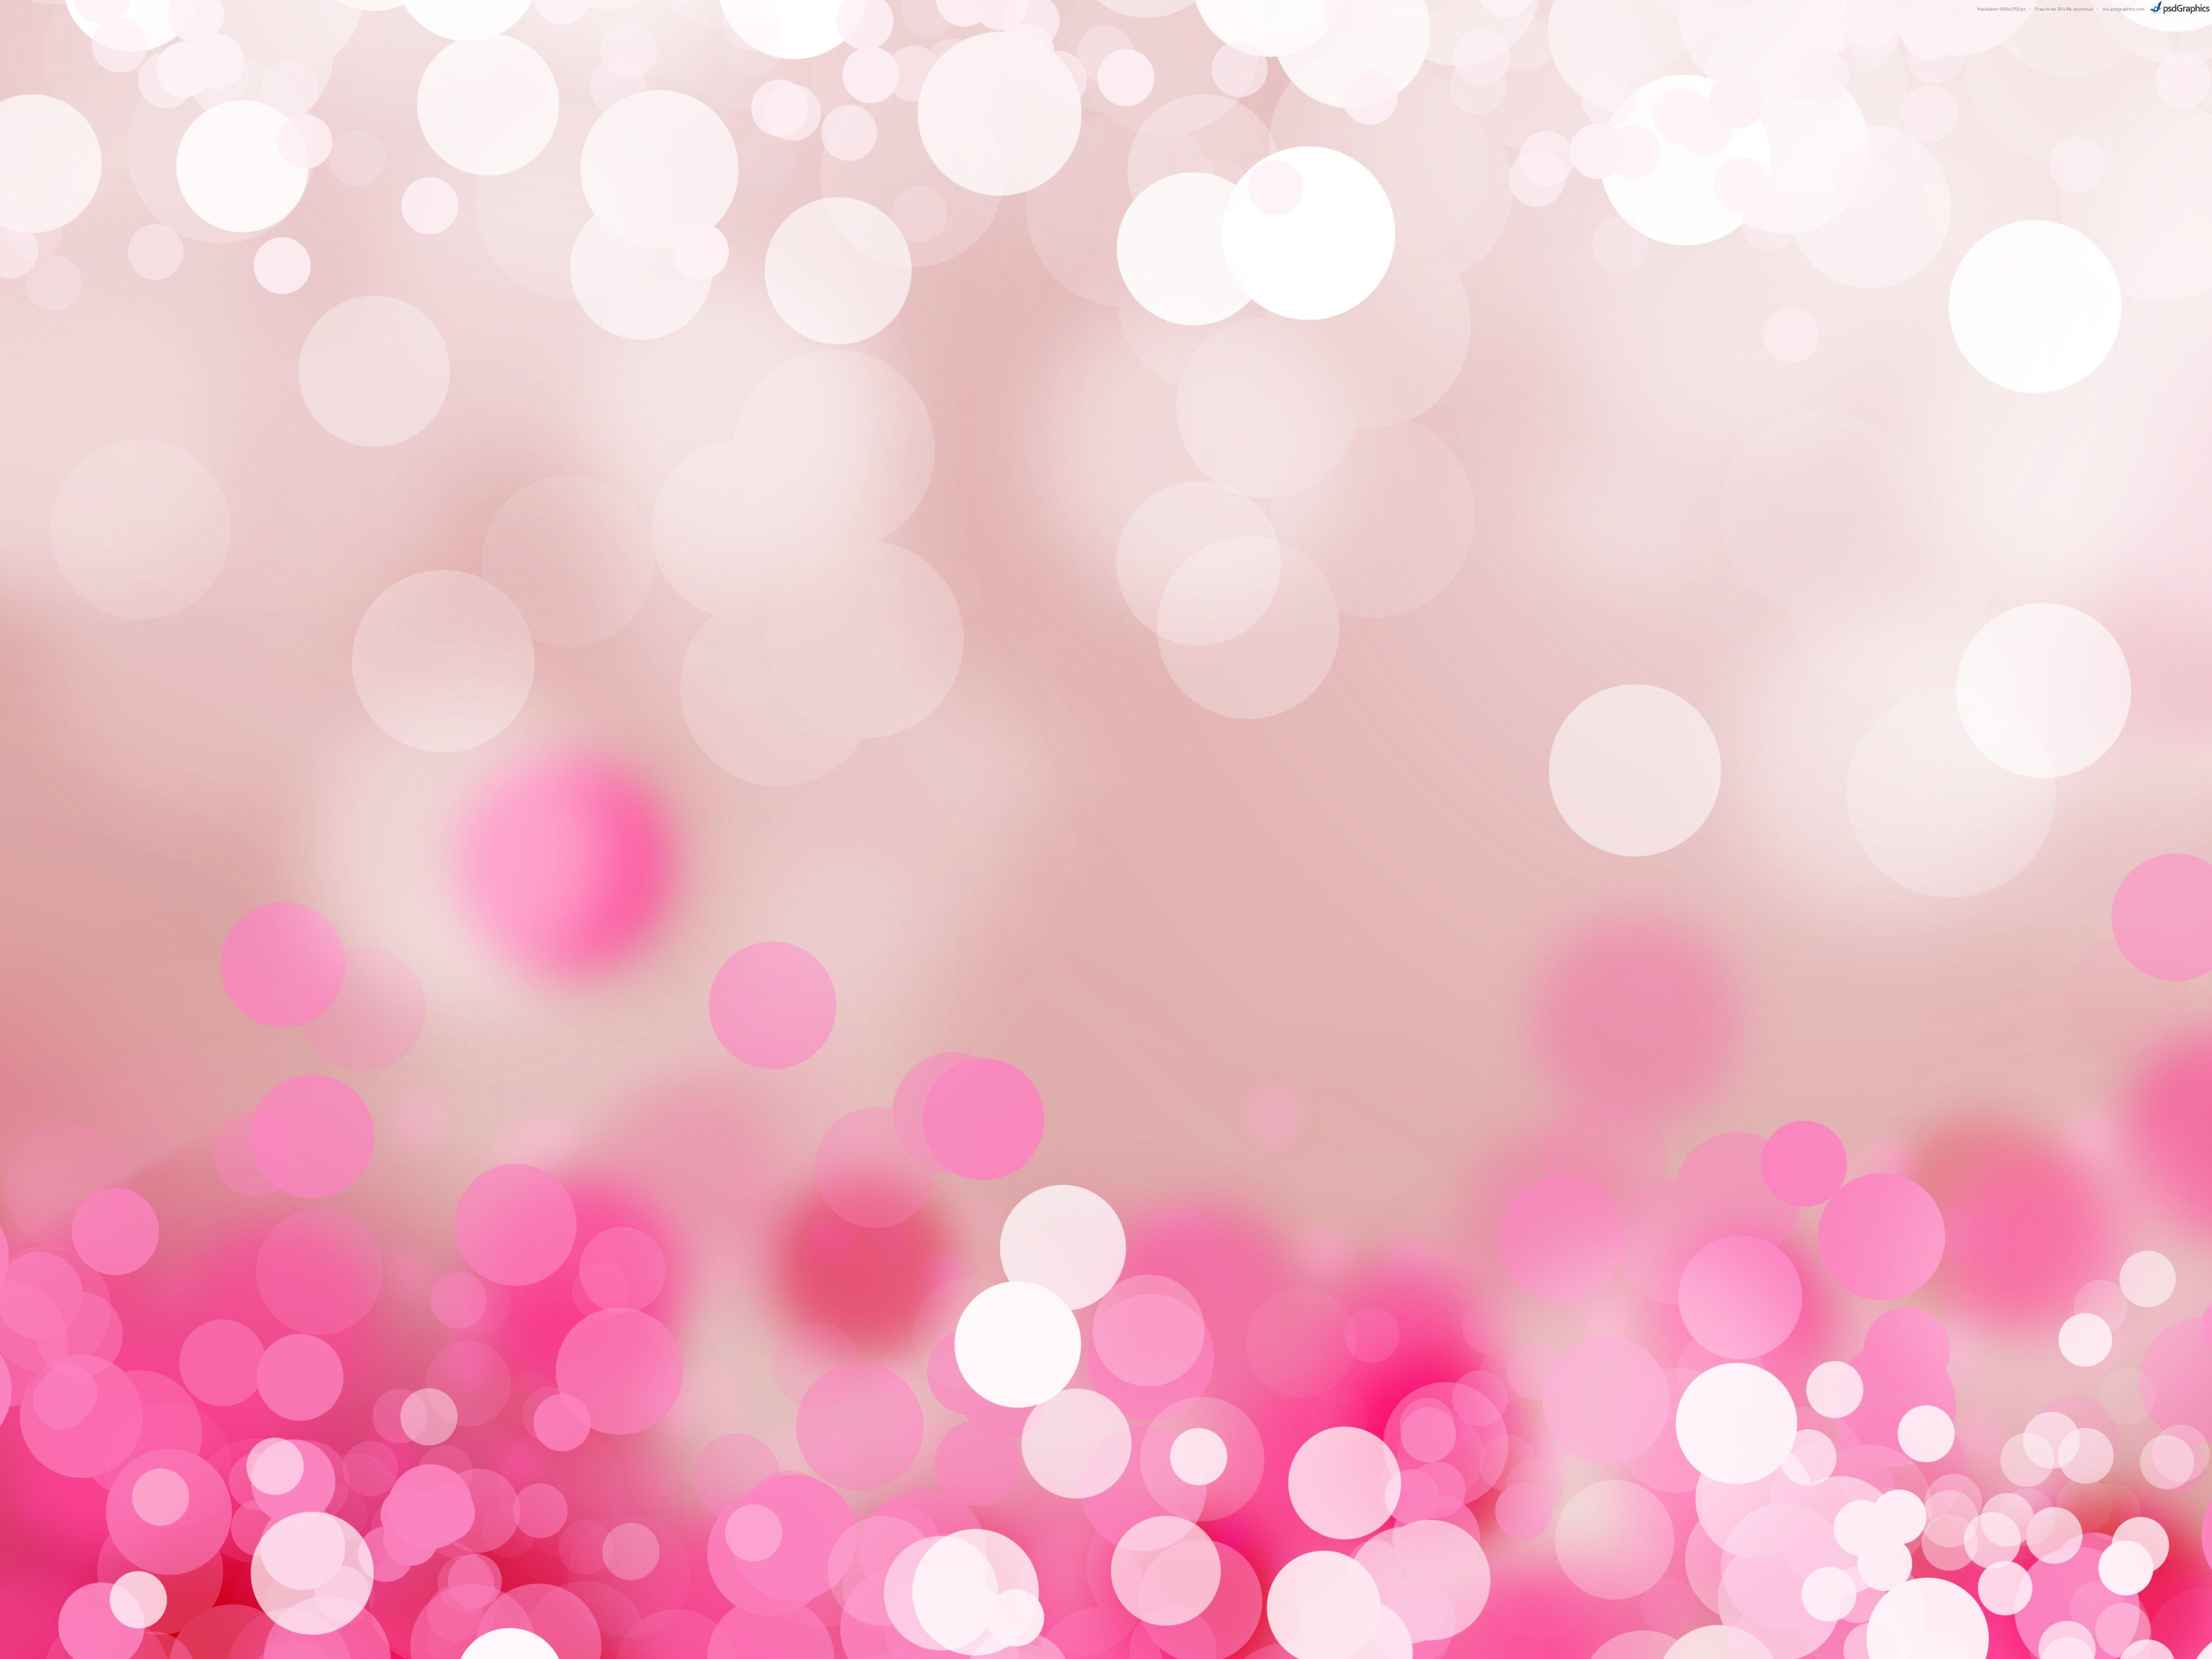 Cute Light Pink Wallpapers - WallpaperSafari